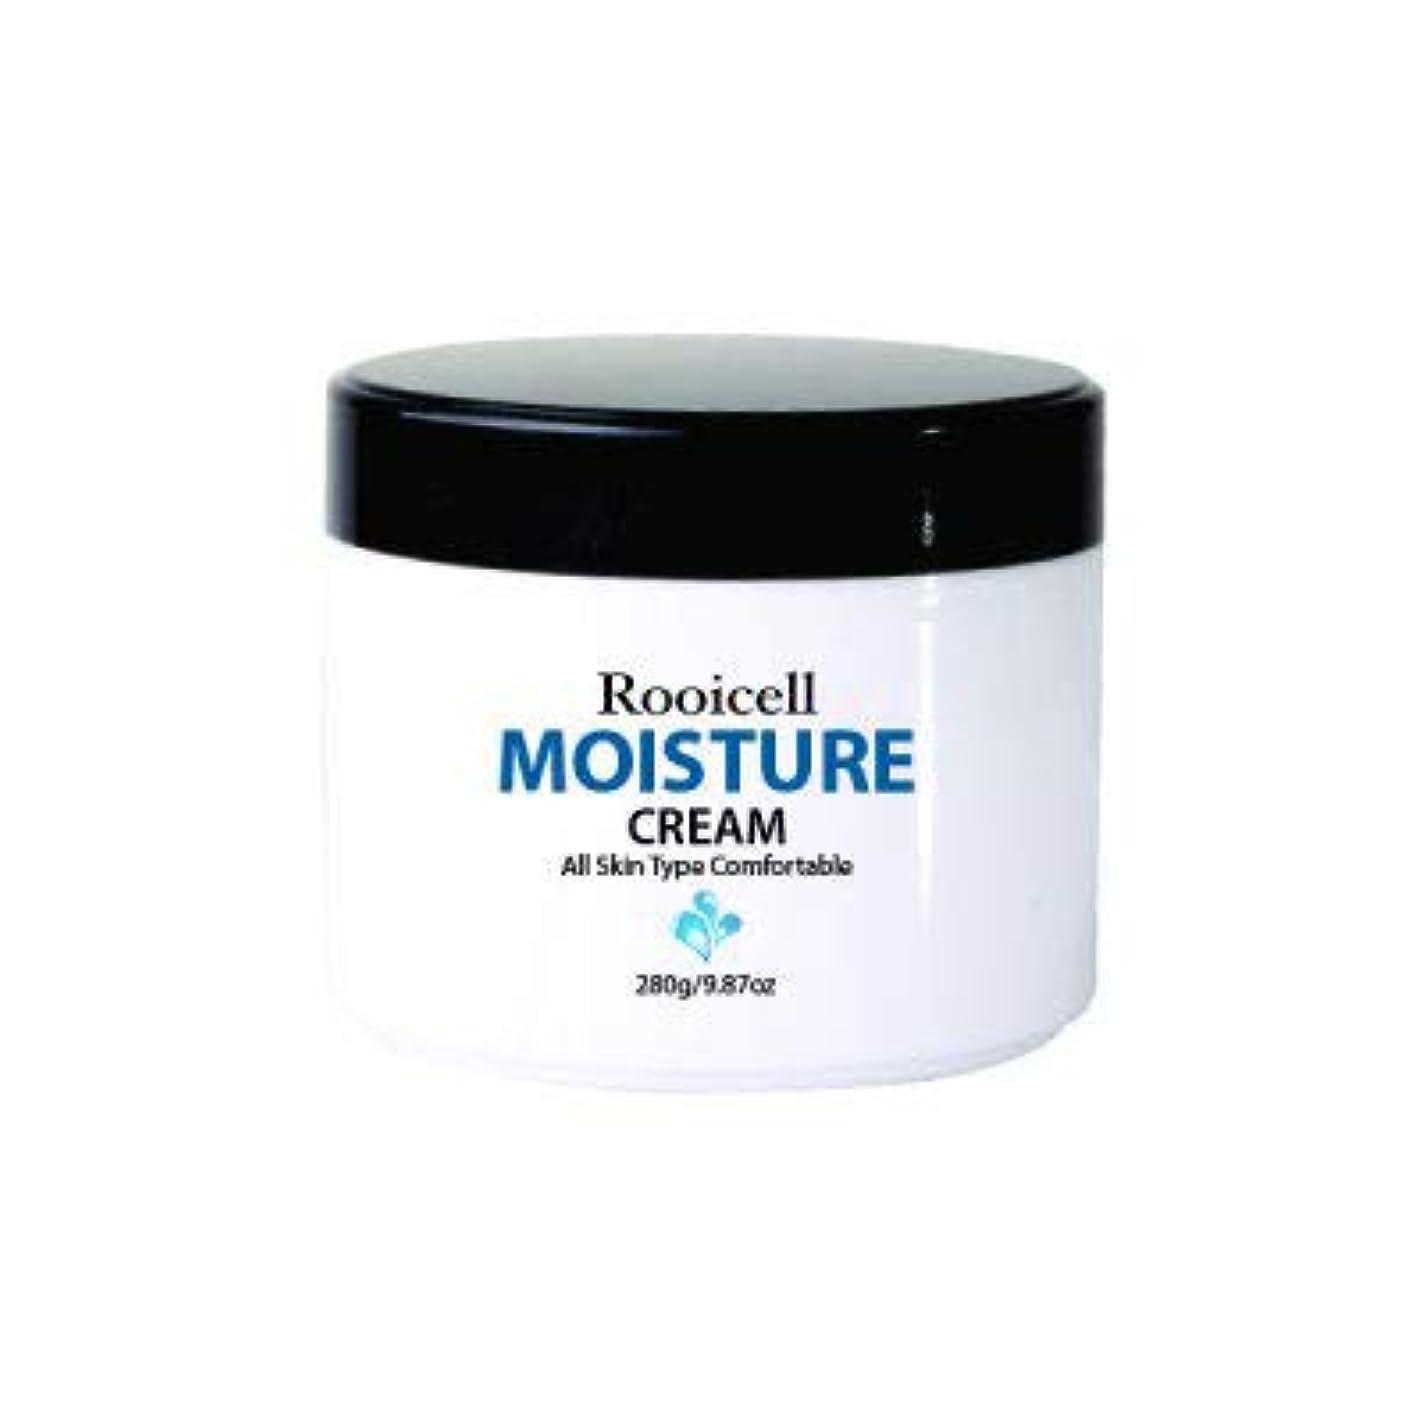 ヒロイック遺伝的プリーツ[ Rooicell ] ルイセル モイスチャークリーム 280g Korea cosmetic (moisture cream 280g)